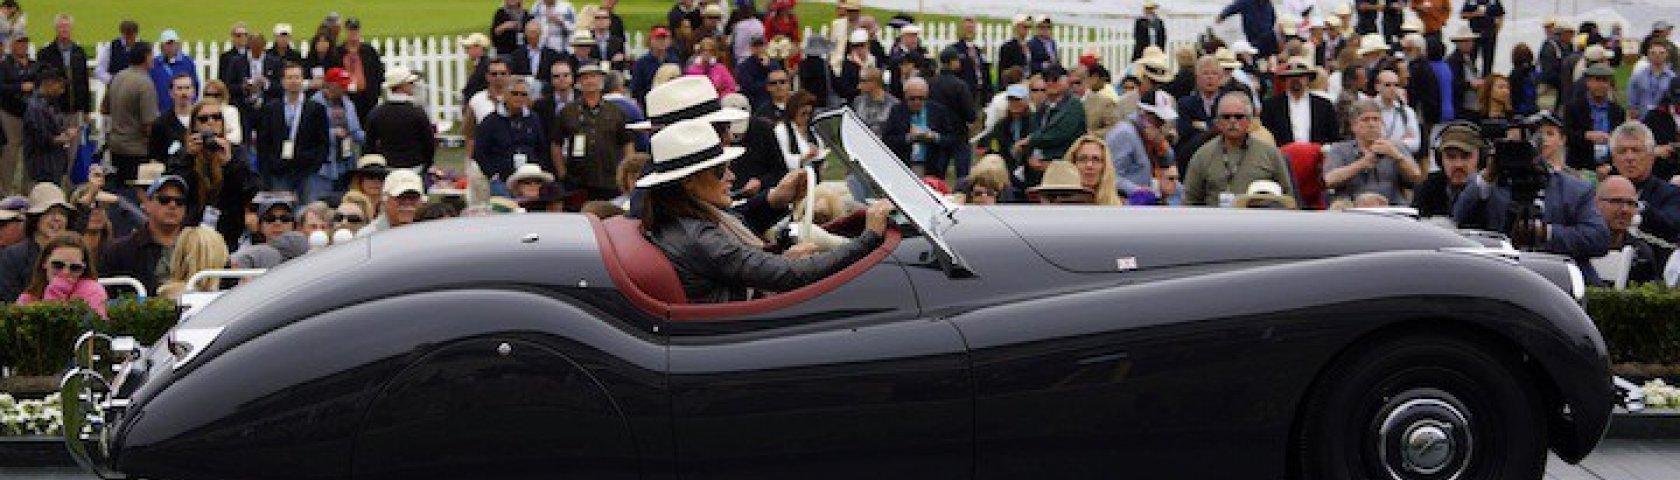 Jaguar Xk120 Featured